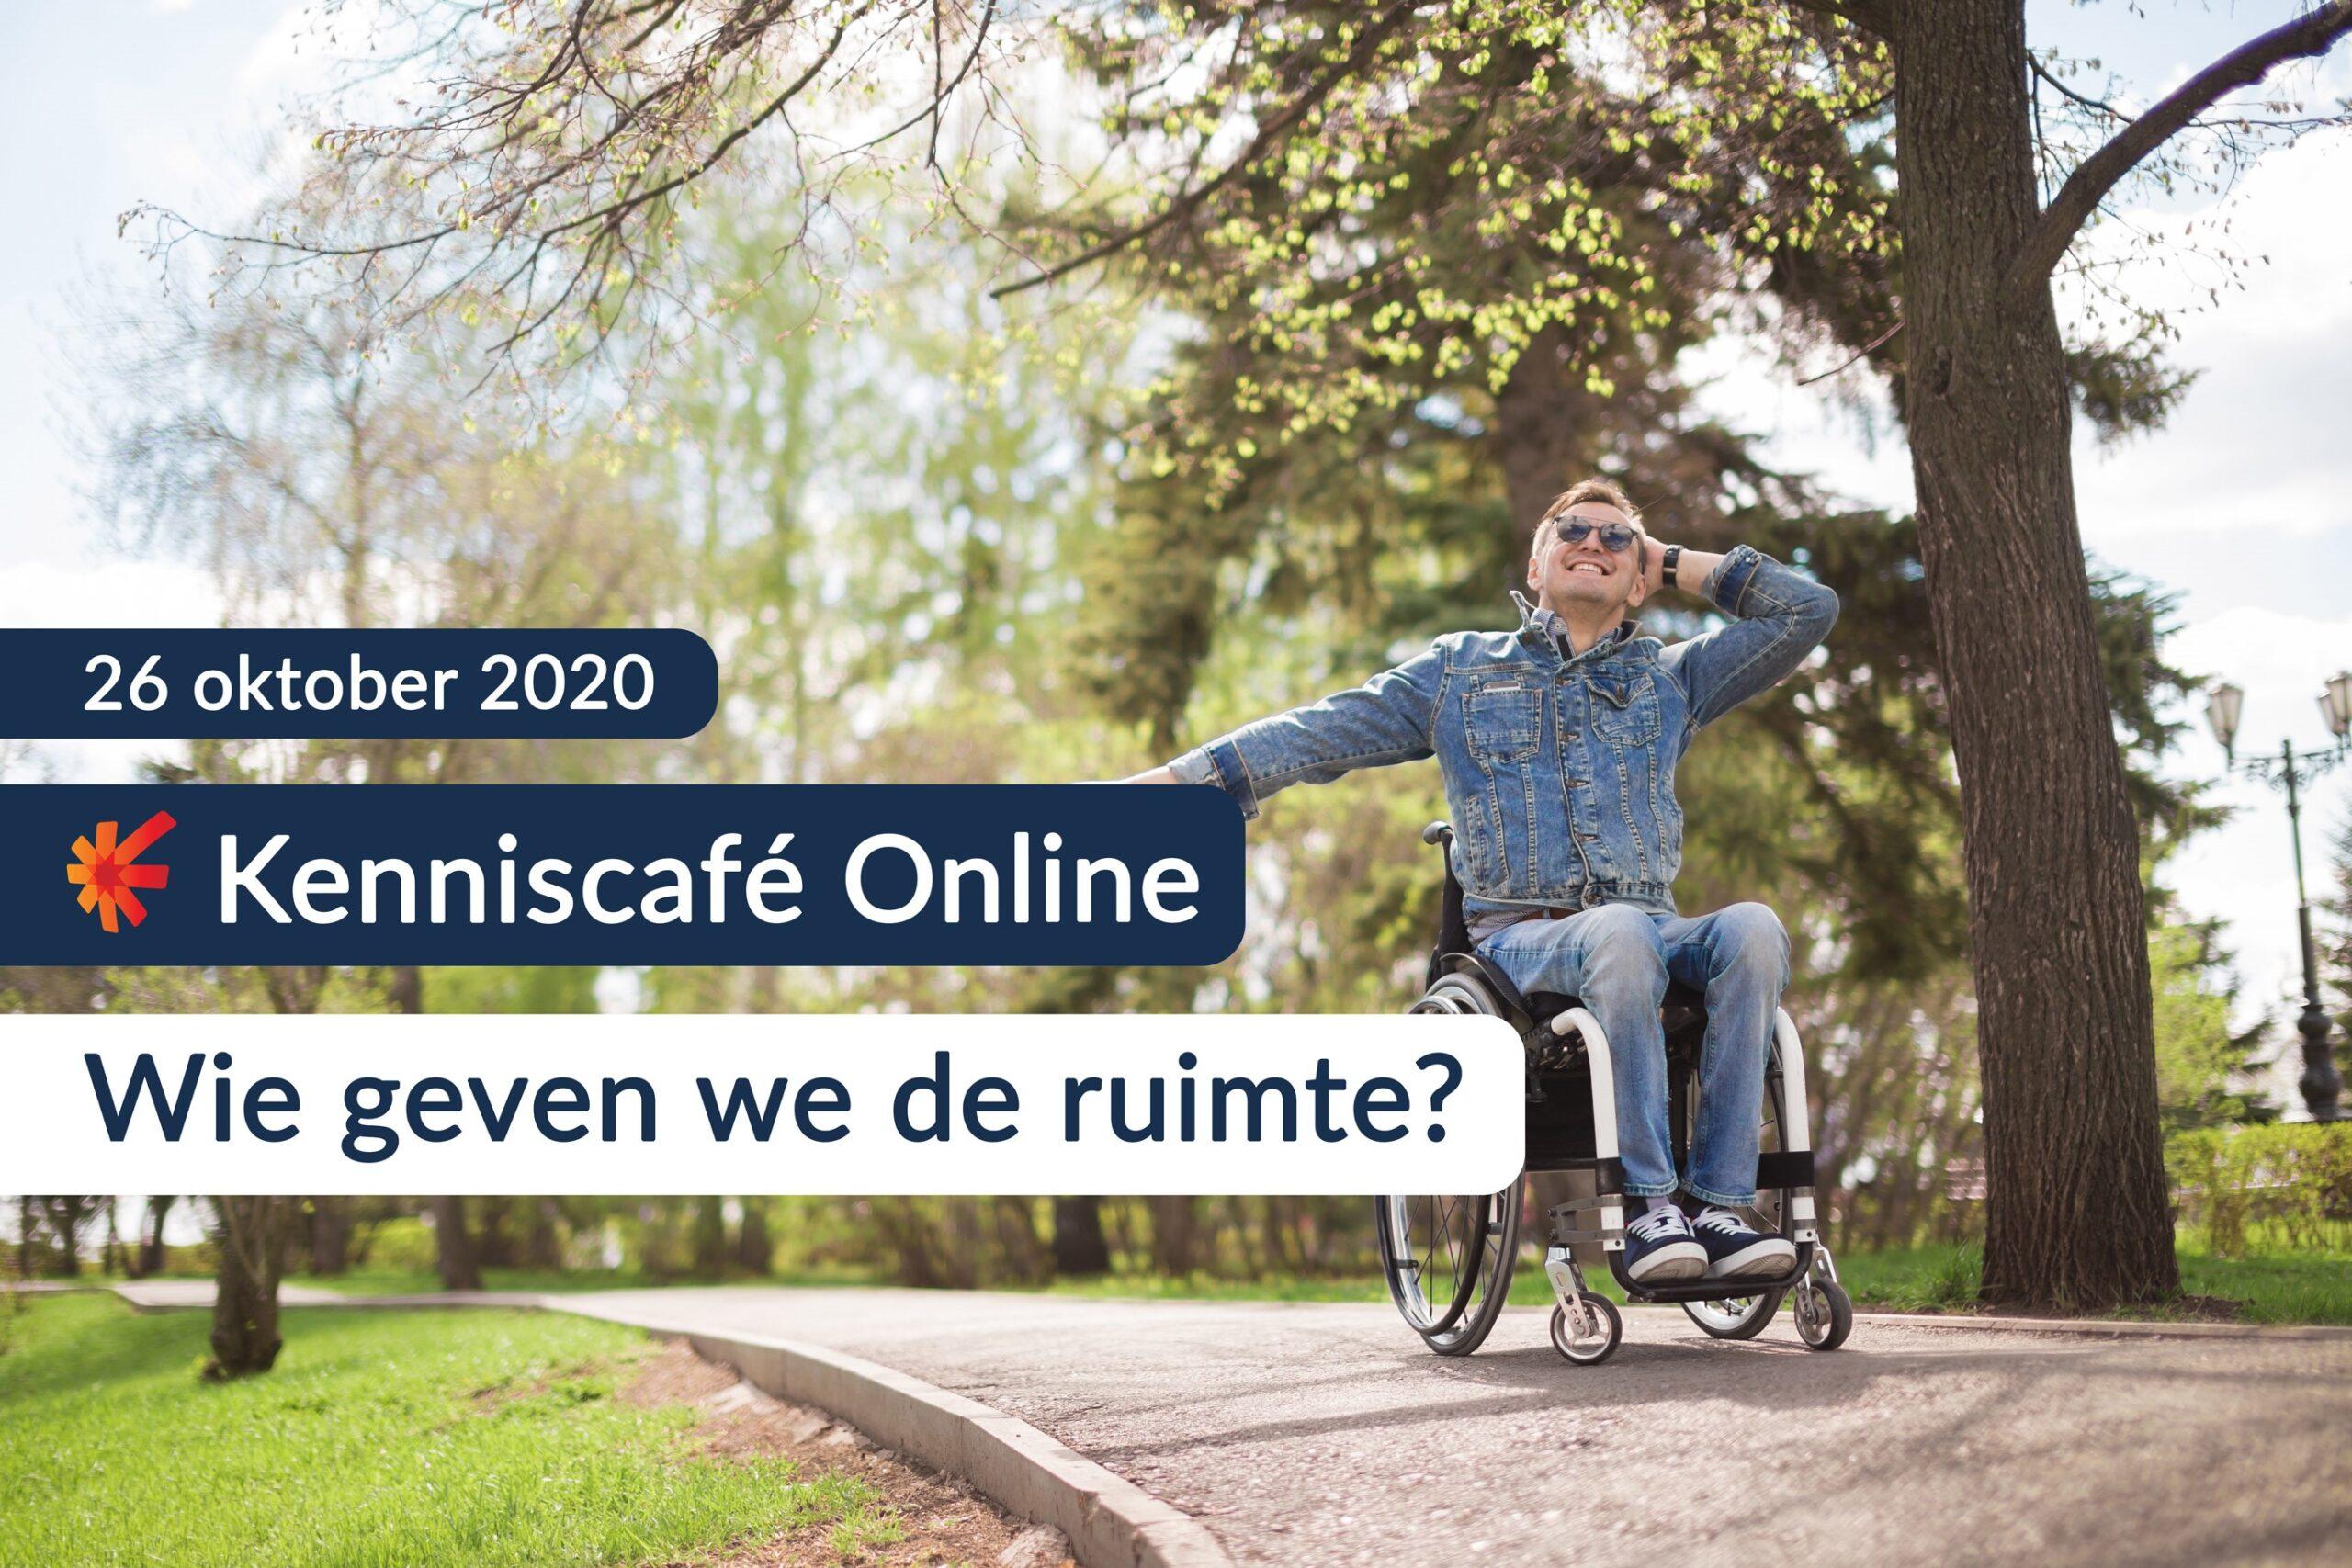 Kenniscafé Sport & Bewegen Online: Wie Geven We De Ruimte?